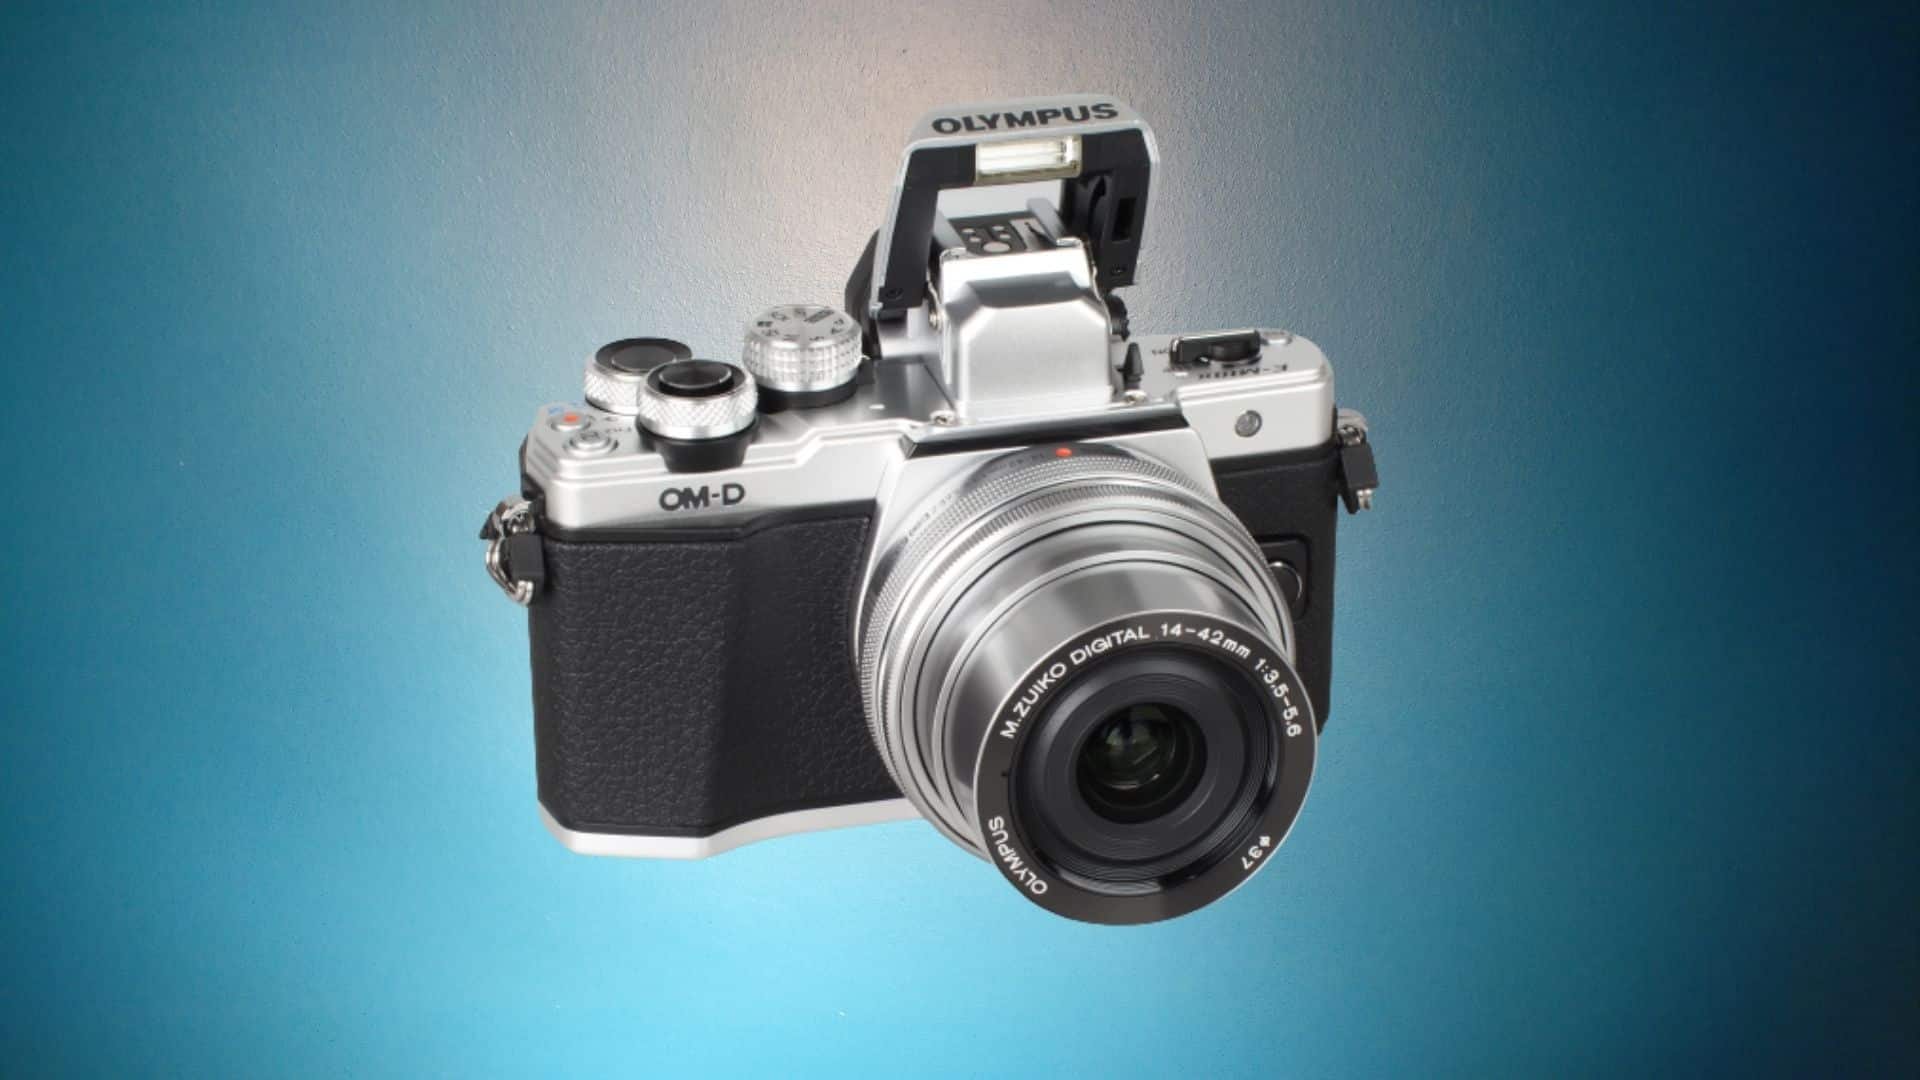 Top Five Best Budget Cameras In 2021 | IFixScreens